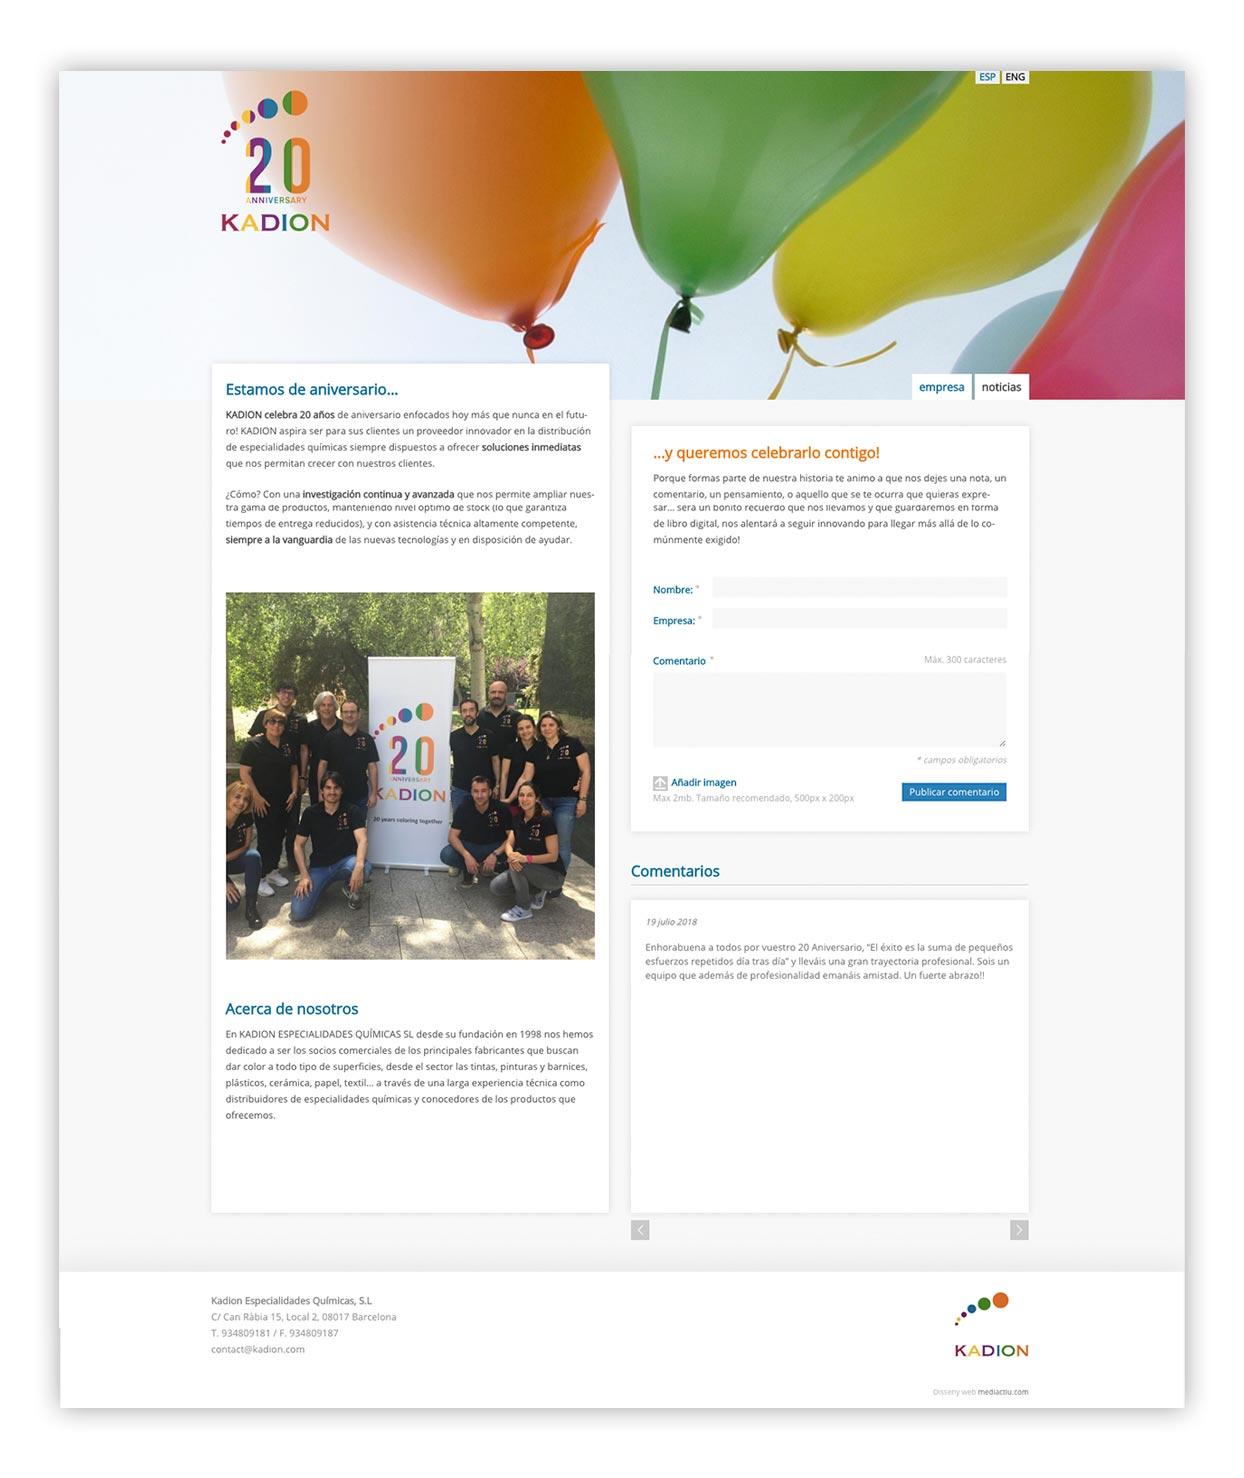 diseno de microsite - Landing Page, la mejor opción para una campaña promocional